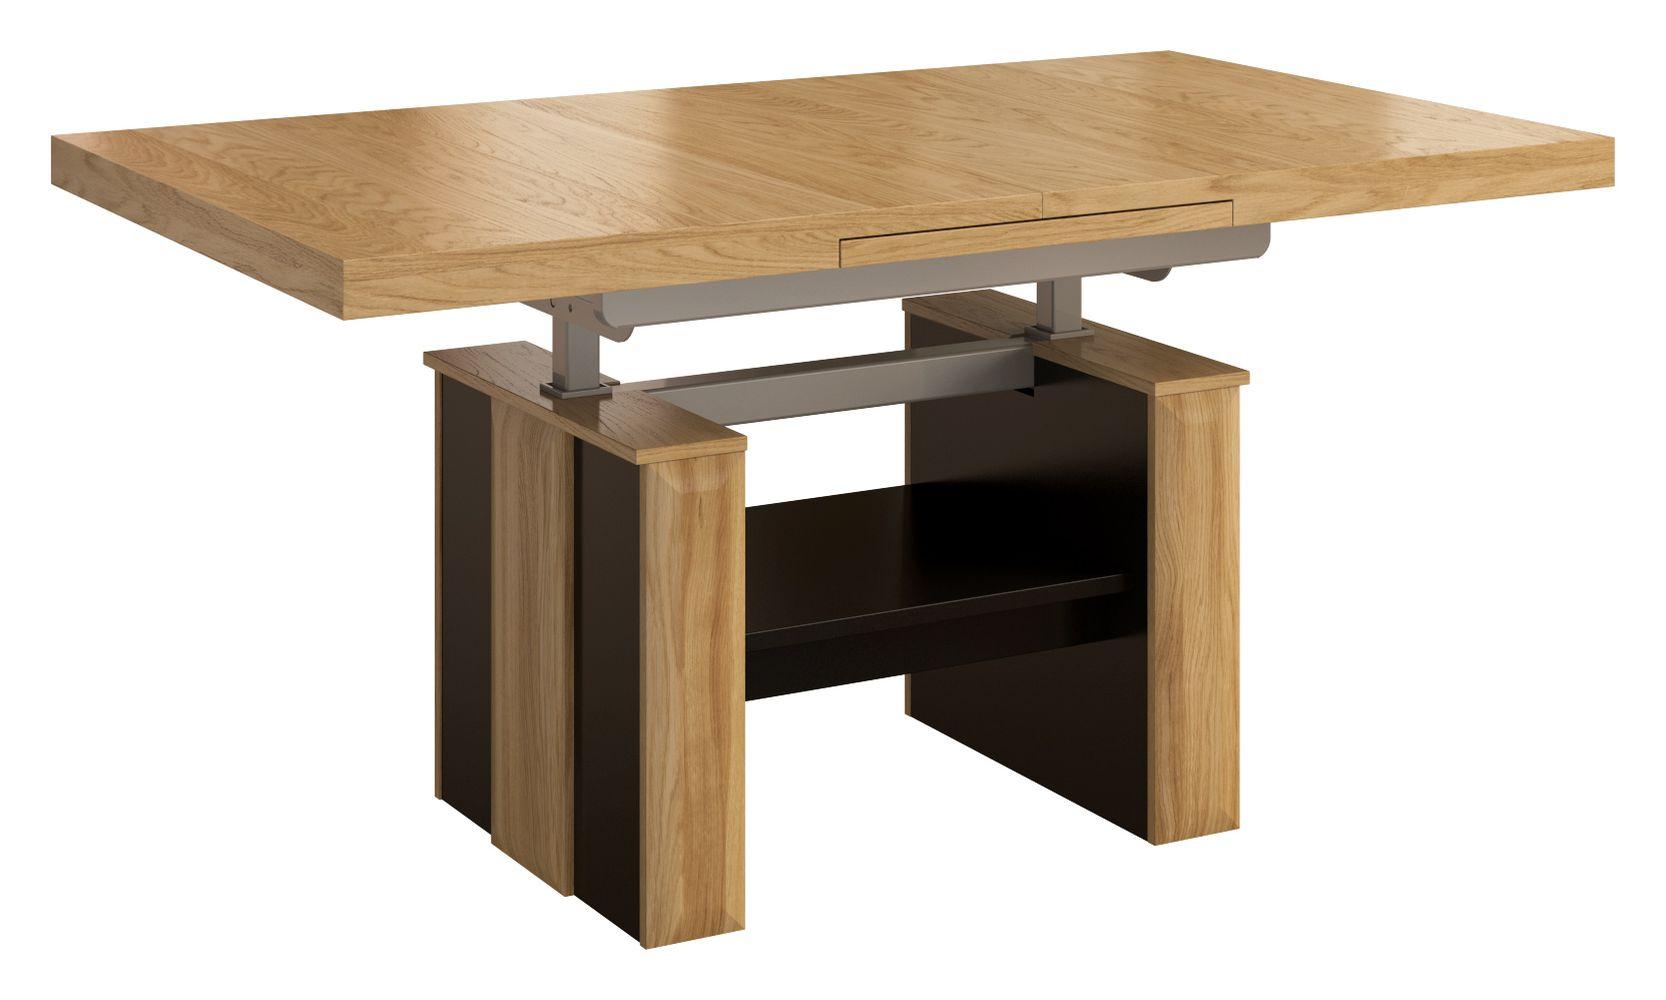 h henverstellbarer couchtisch belica 09 farbe eiche natur schwarz abmessungen 130 170. Black Bedroom Furniture Sets. Home Design Ideas